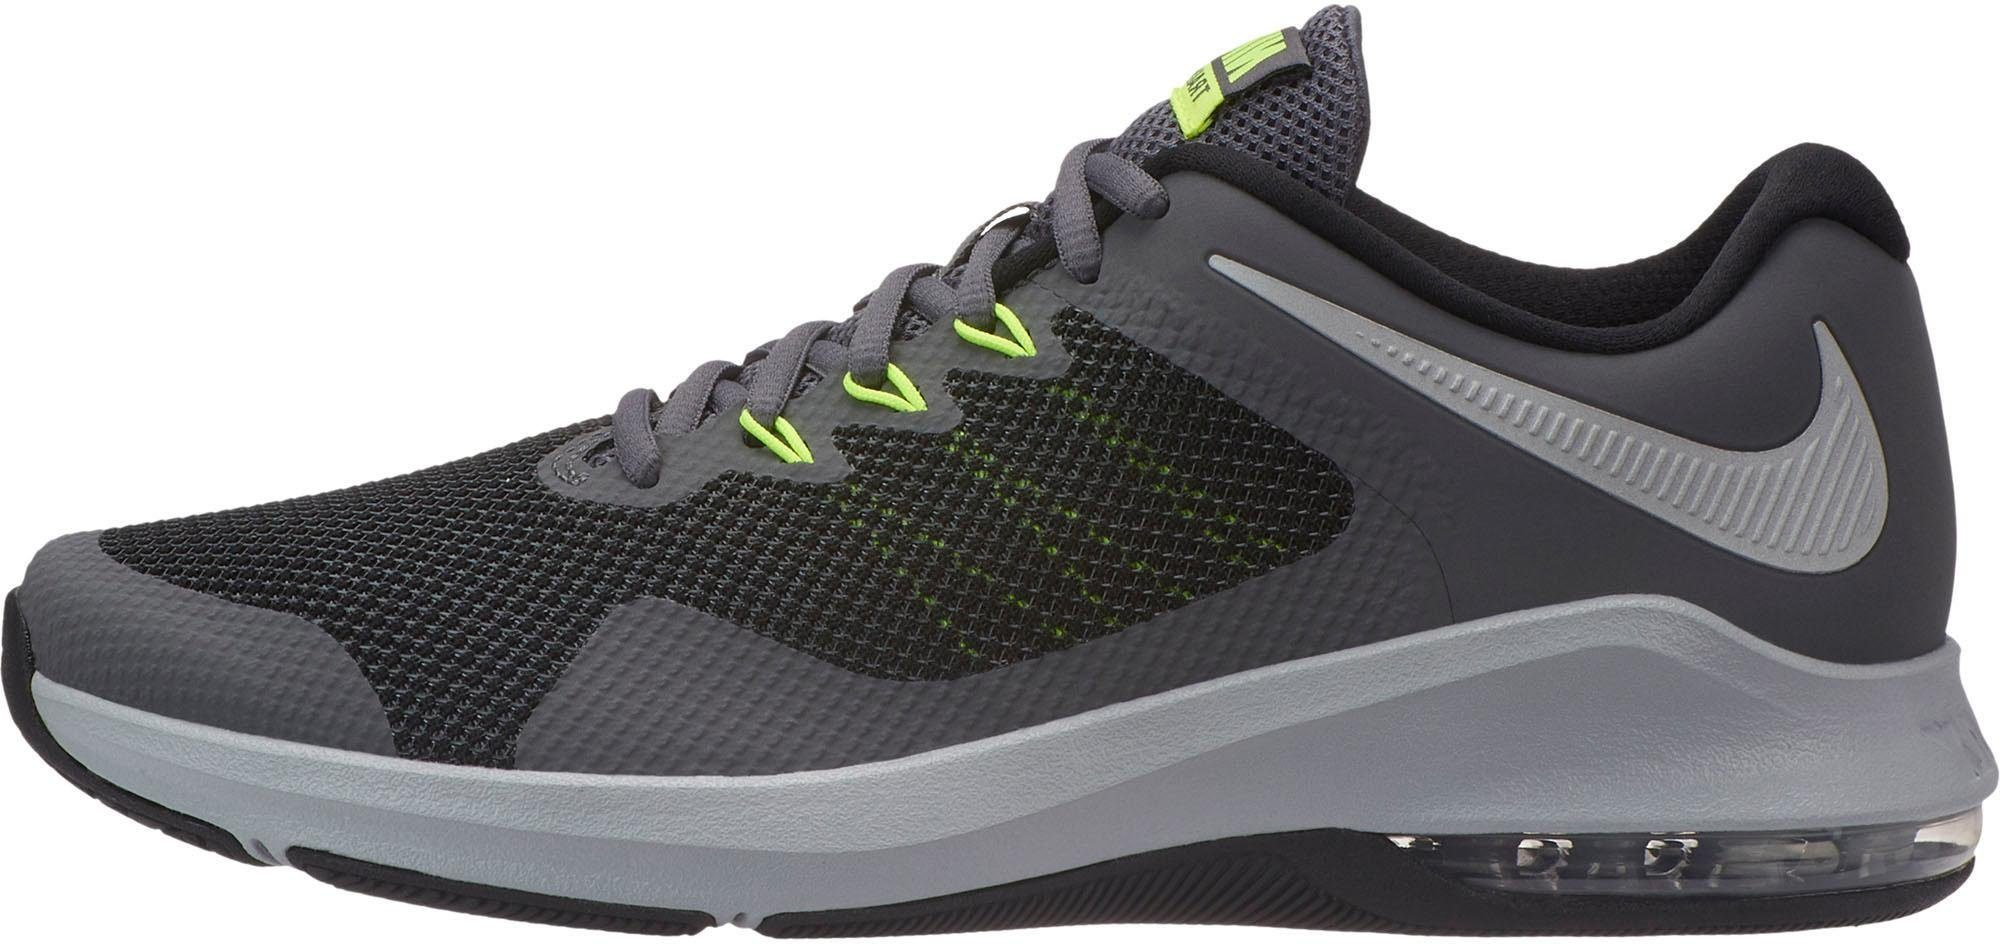 Nike »Air Max Alpha Trainer« Trainingsschuh, Trainingsschuh für Herren von Nike online kaufen | OTTO